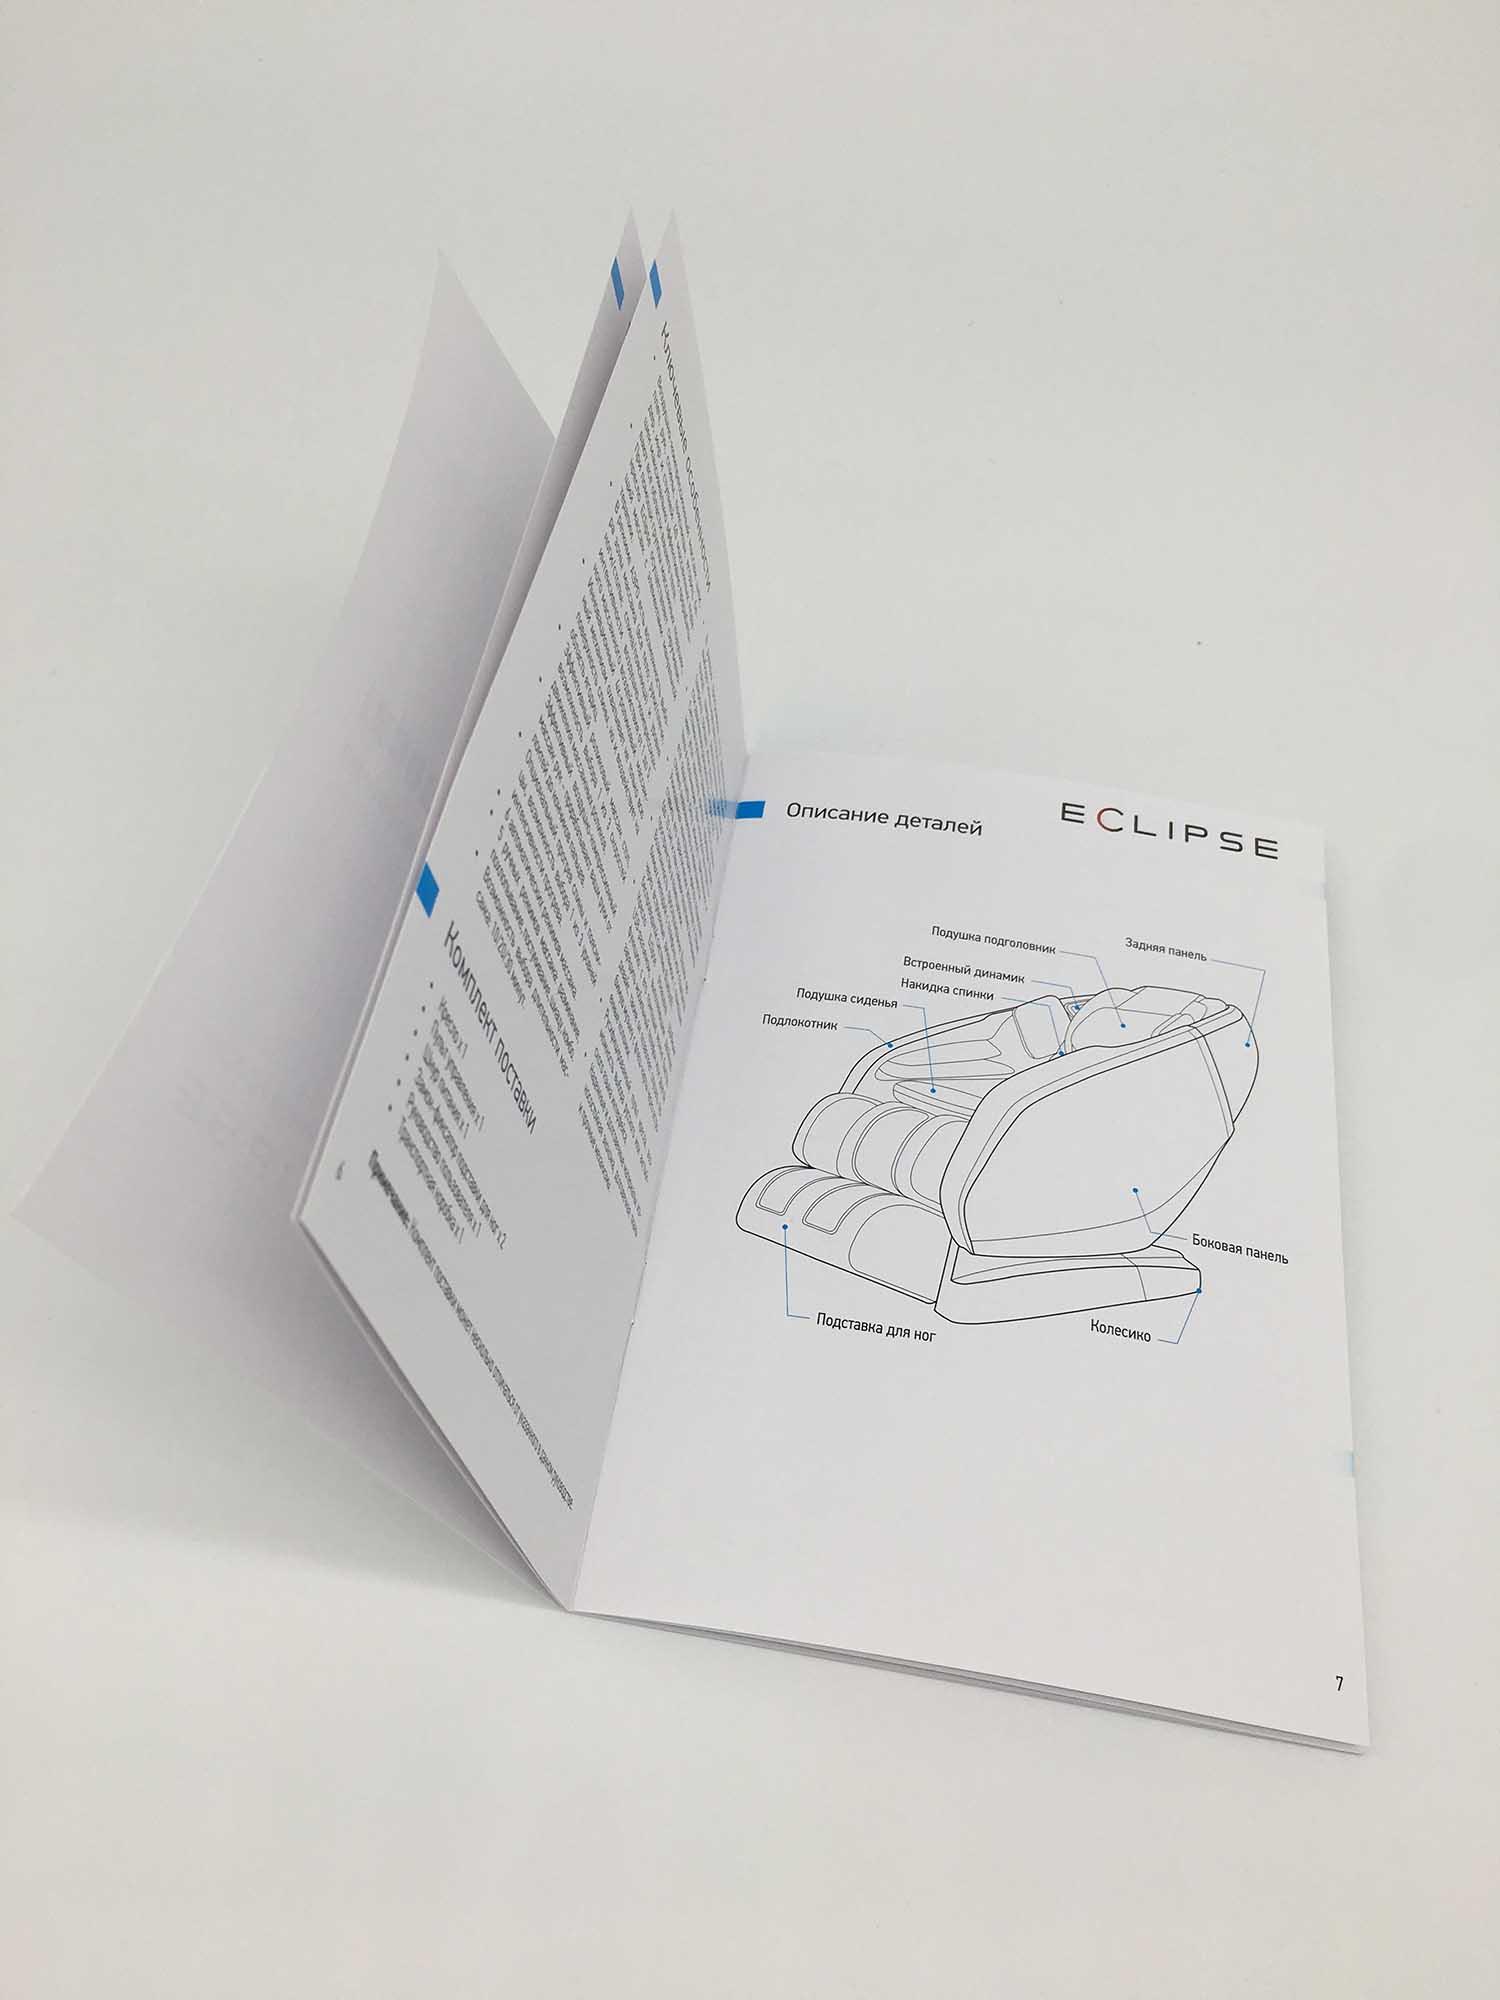 哈巴河印刷厂画册样本宣传册定制